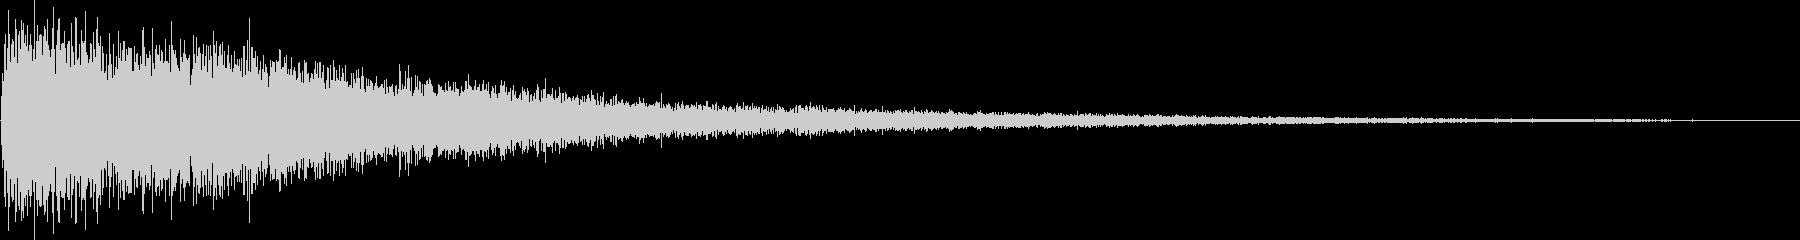 [ドワーン]中国/ドラ/銅鑼/少林寺の未再生の波形